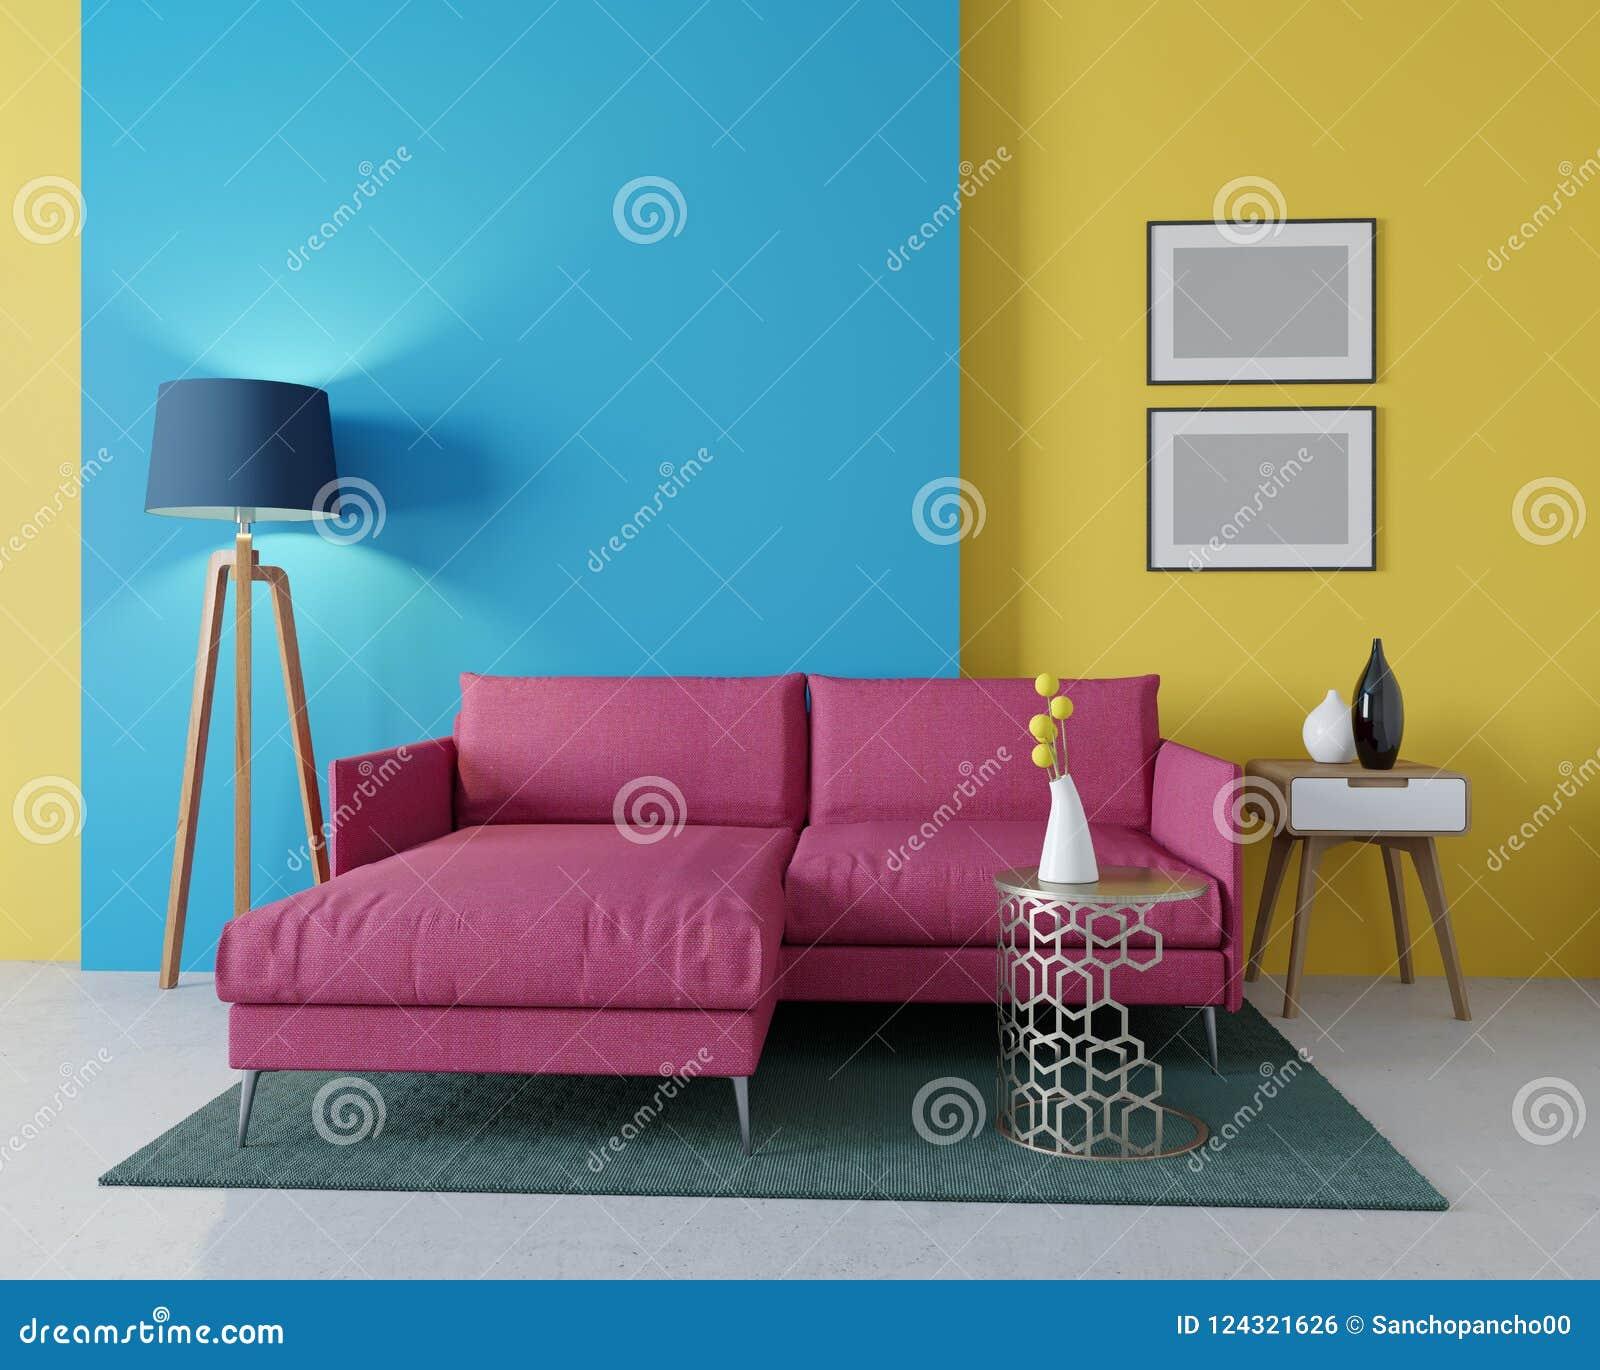 3d Design Of A Modern Living Room Corner Burgundy Sofa Stock